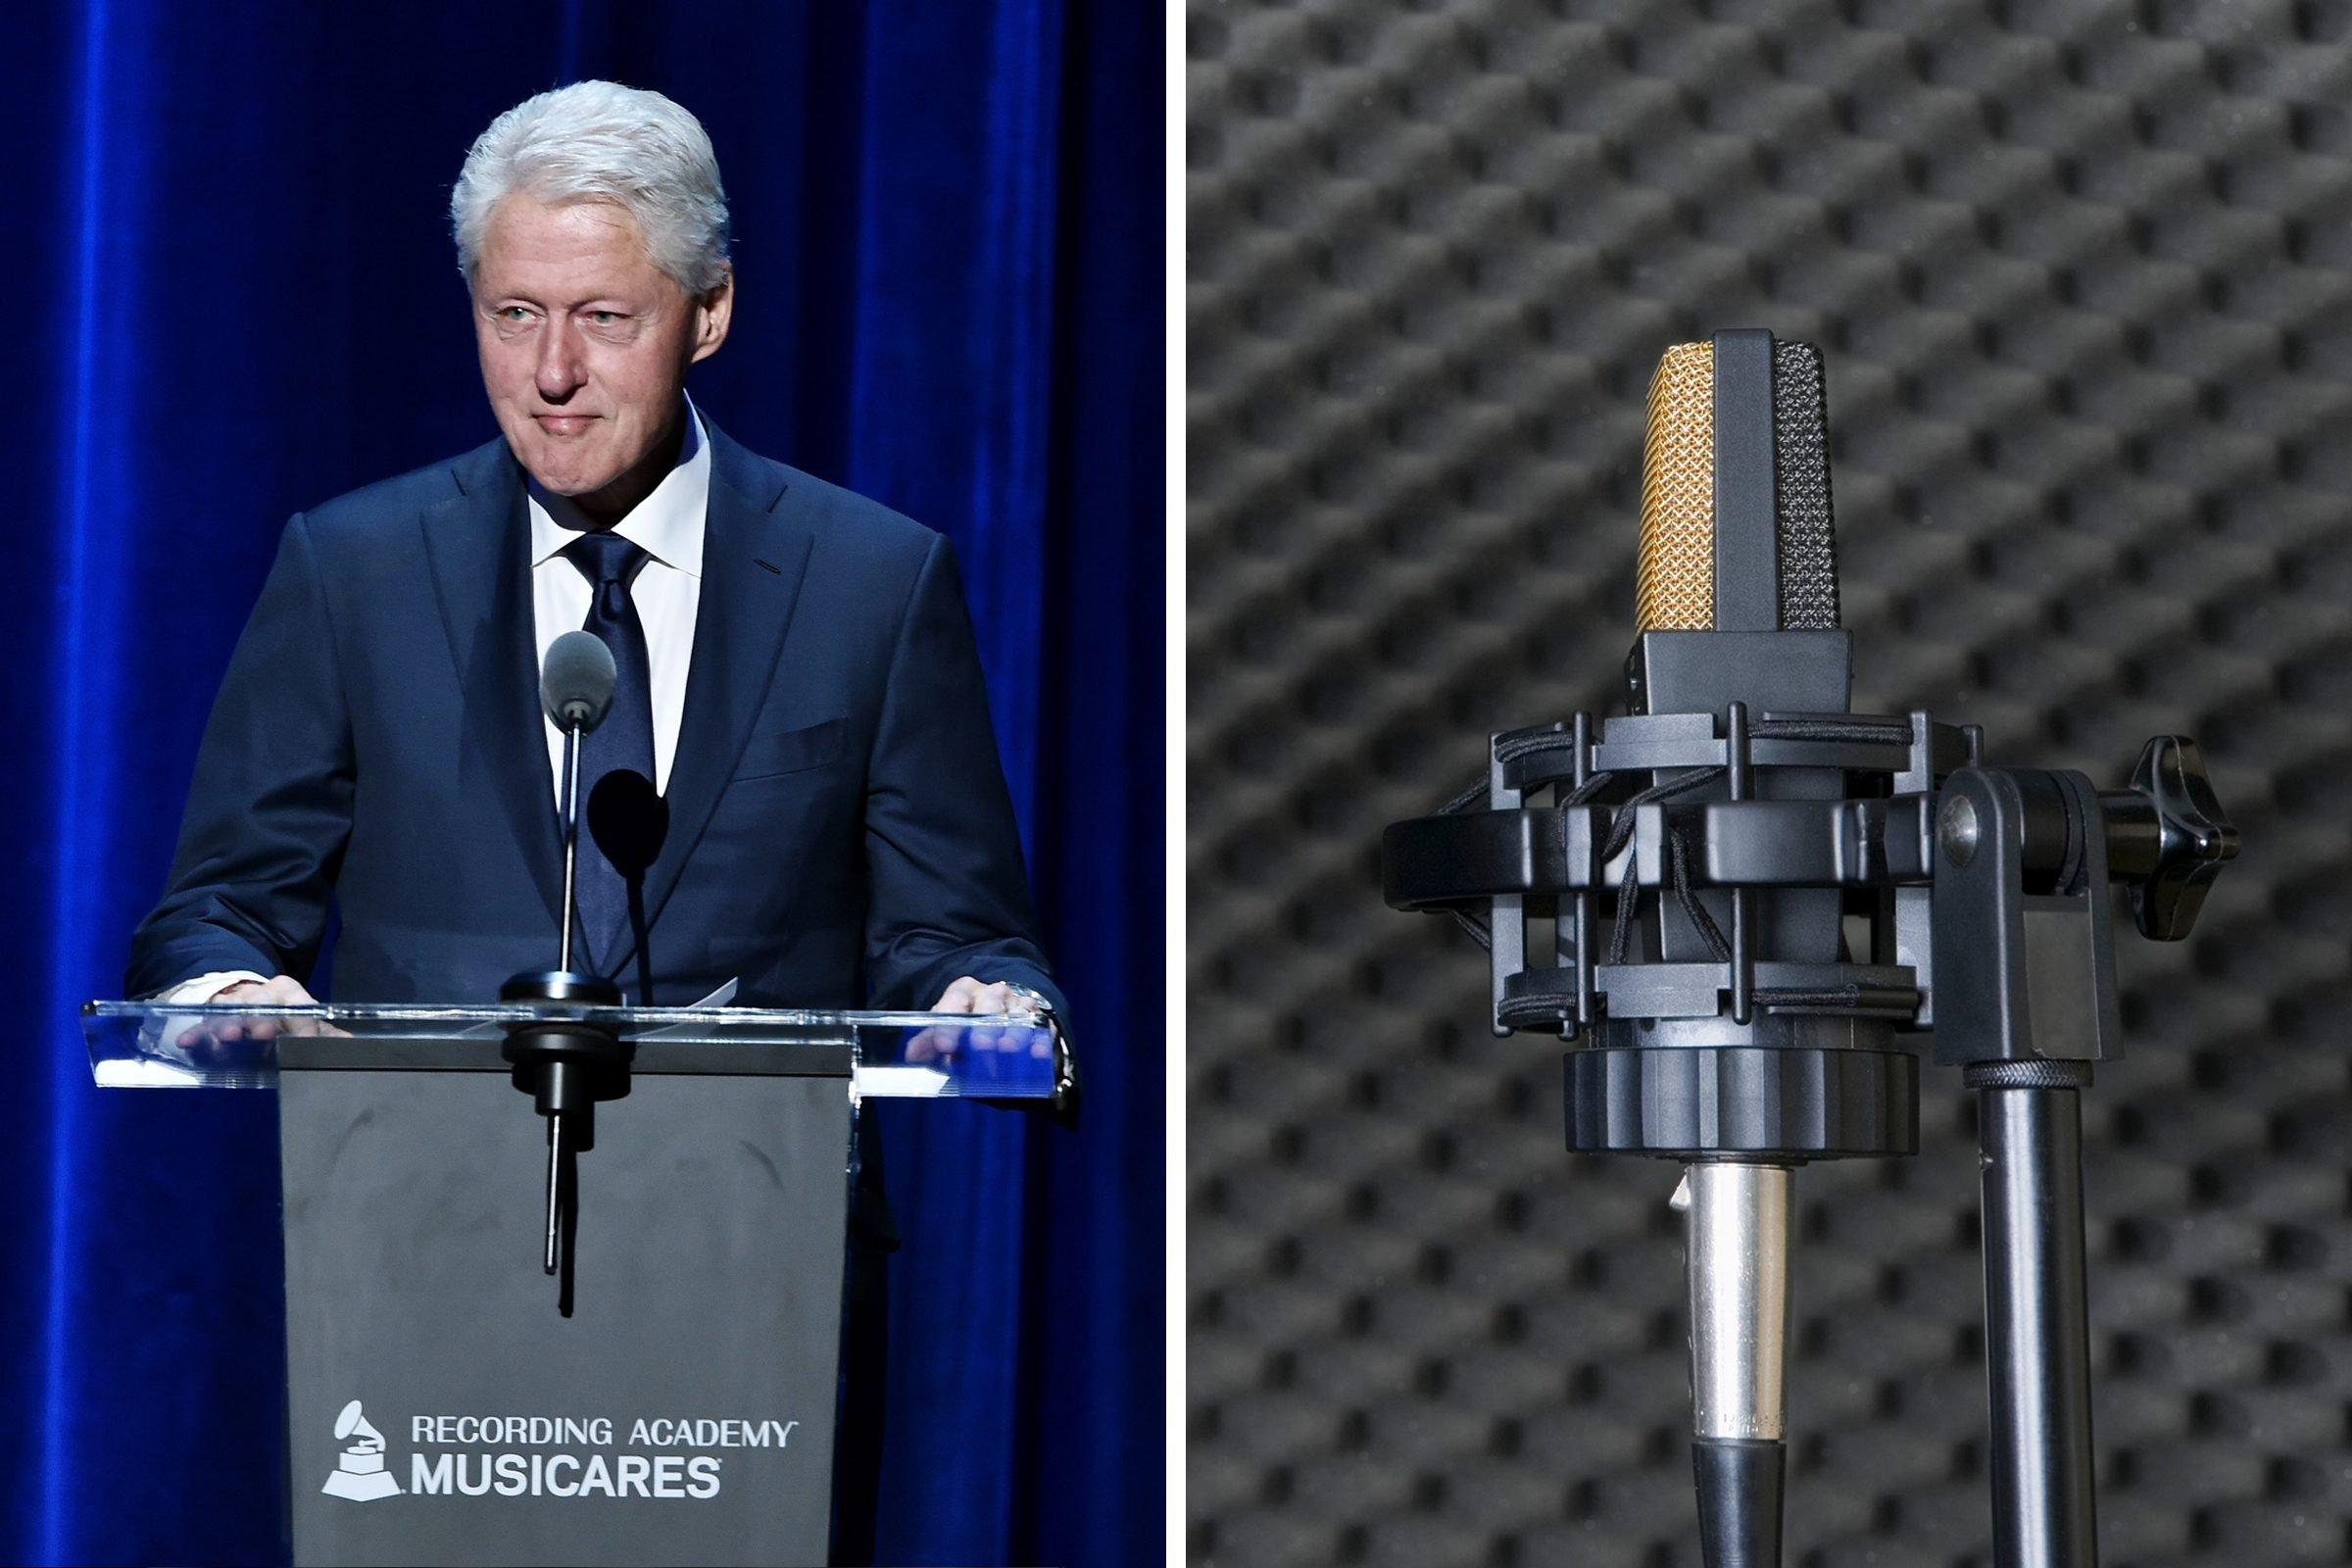 Bill Clinton: Recording artist